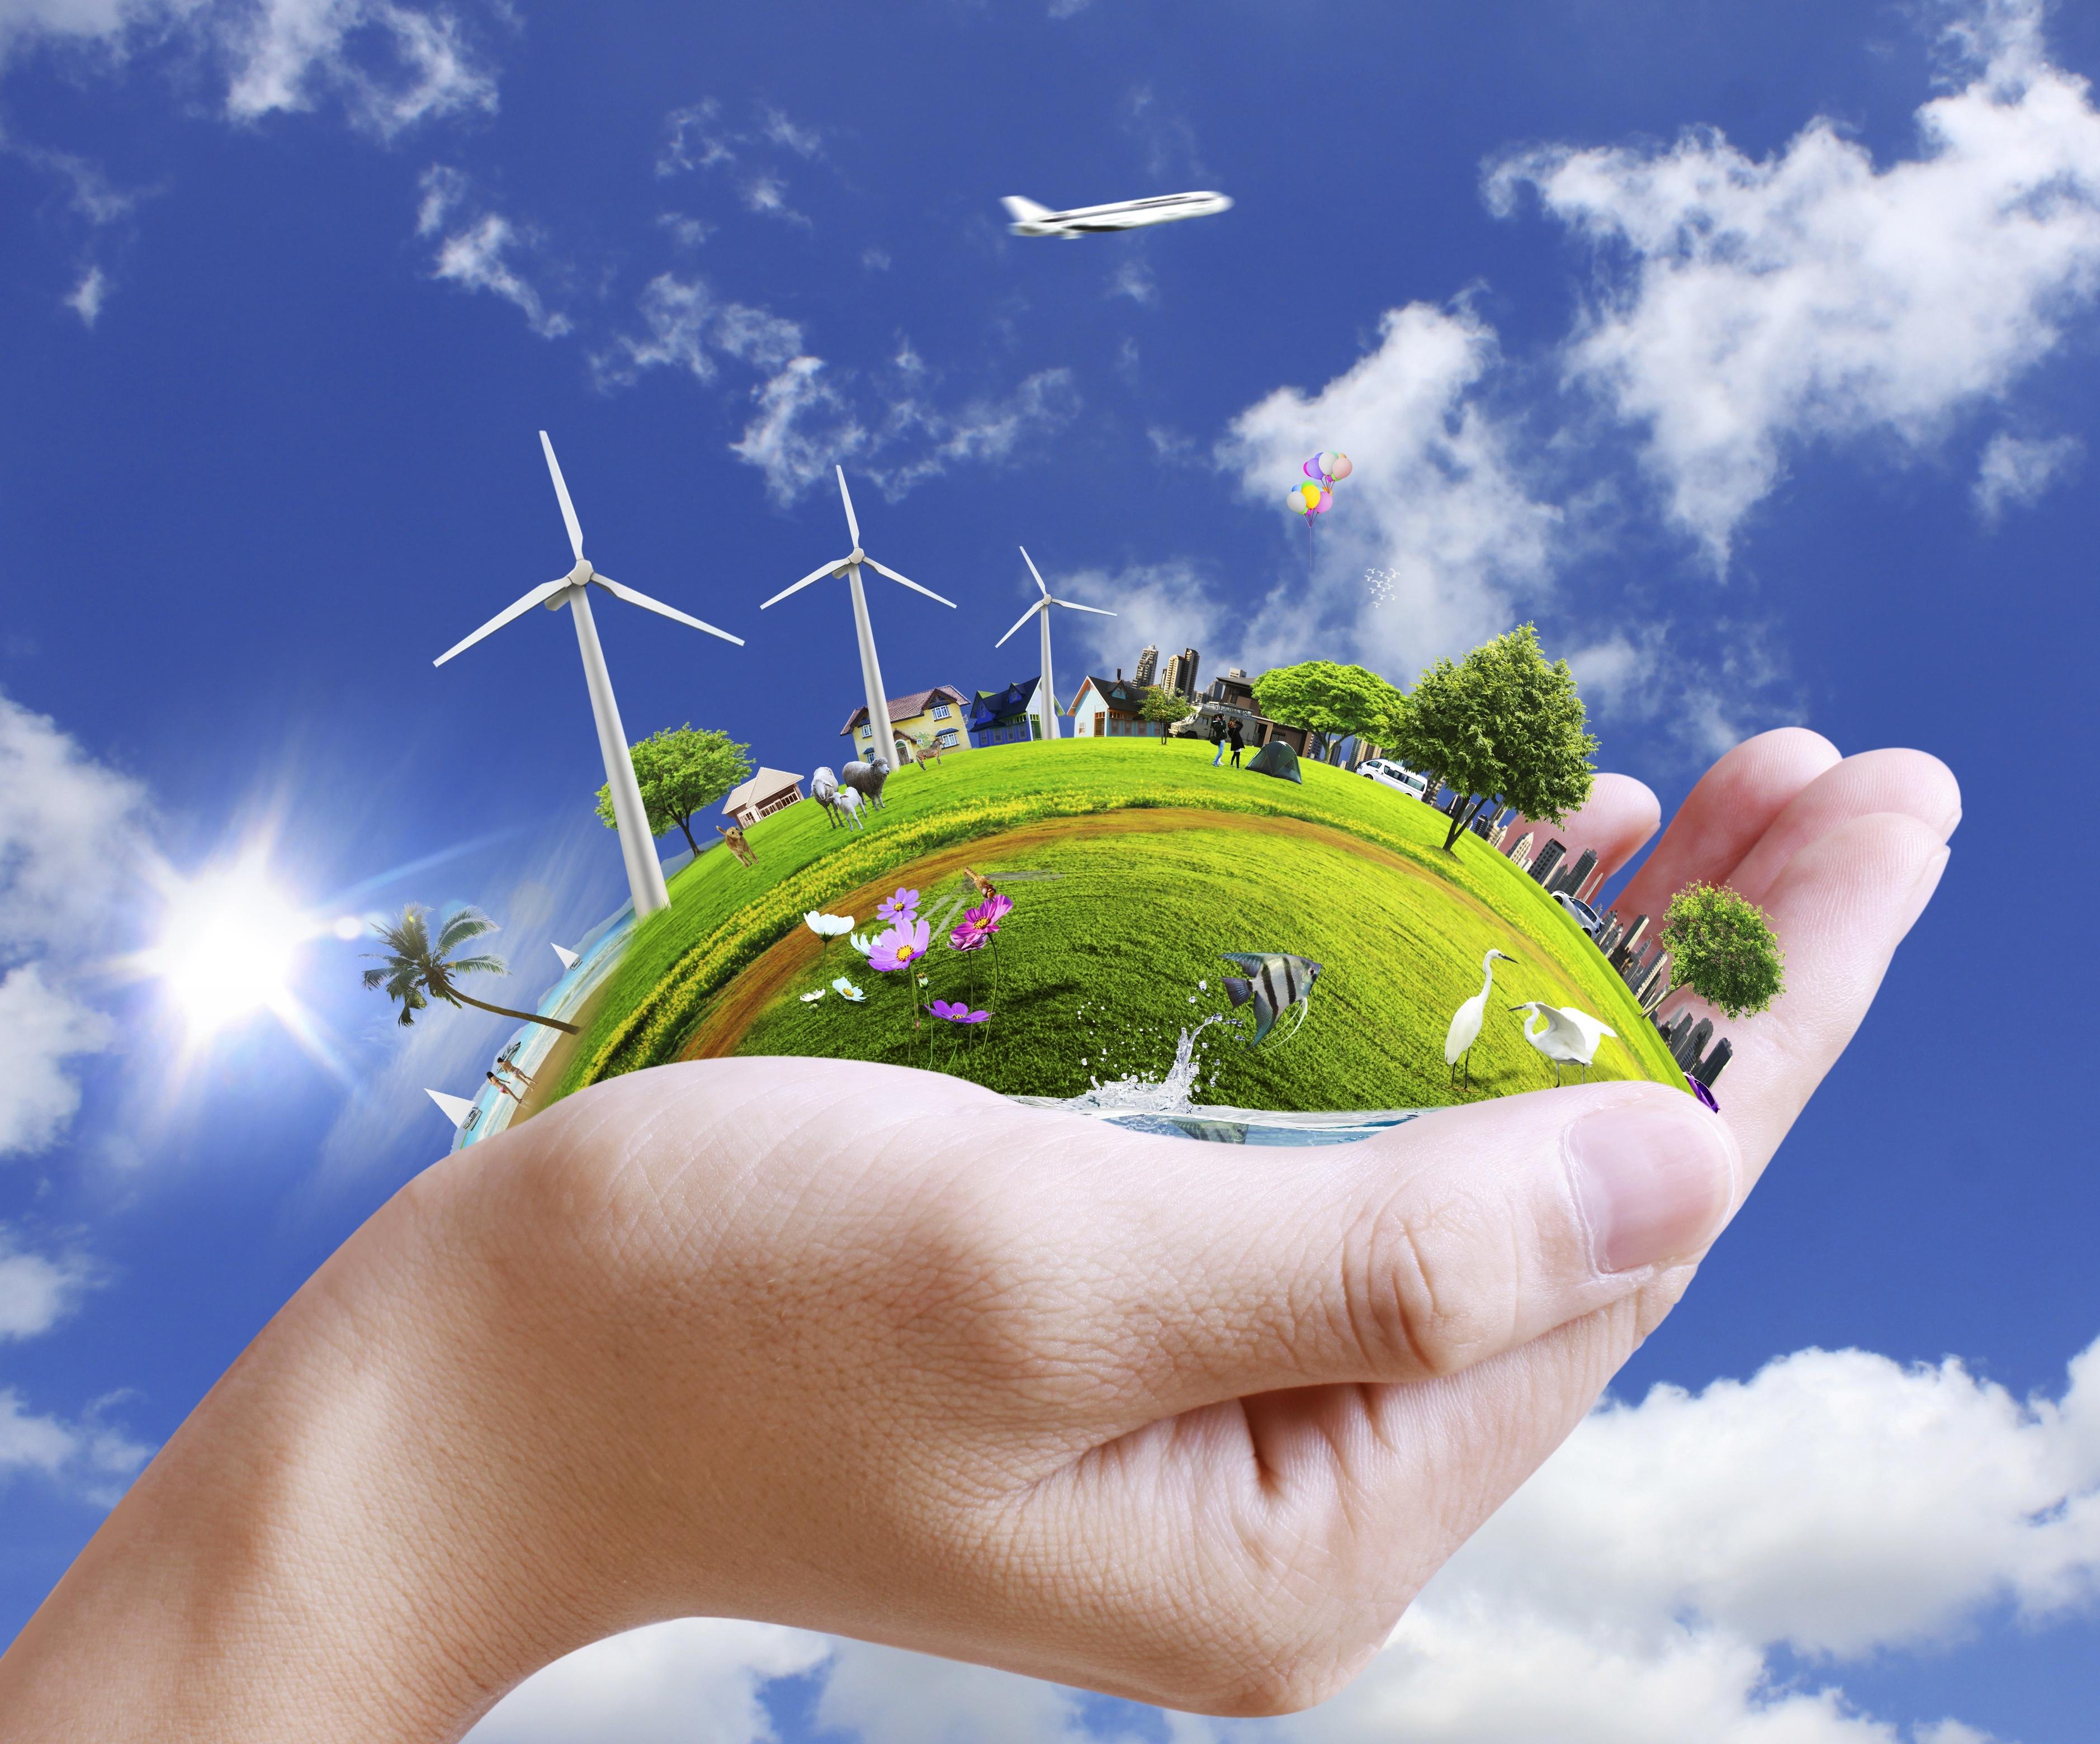 發展台灣循環經濟  向荷蘭、丹麥等歐盟國家借鏡